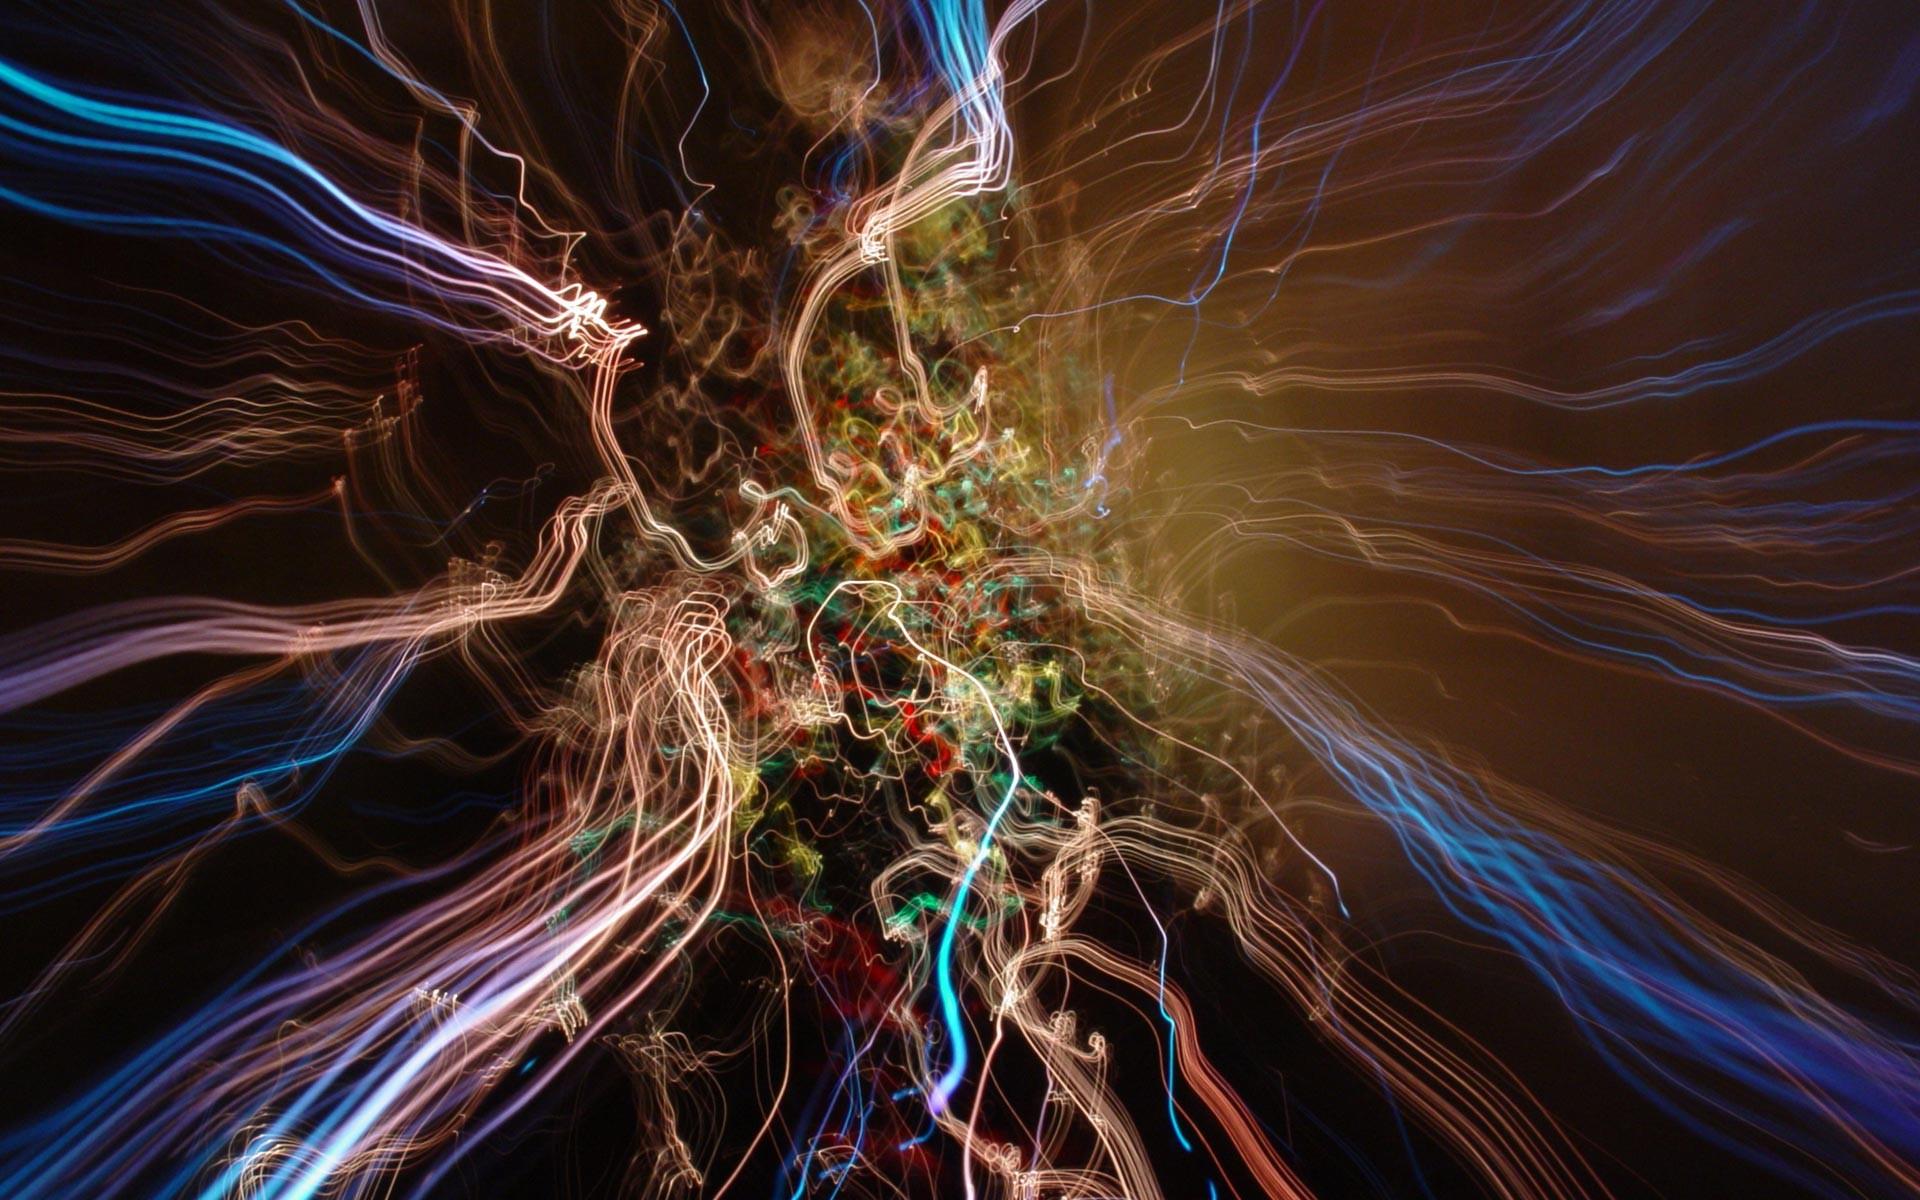 Cool Light Effects Background Backgrounds Twitter · 3d WallpaperWorld  WallpaperComputer …